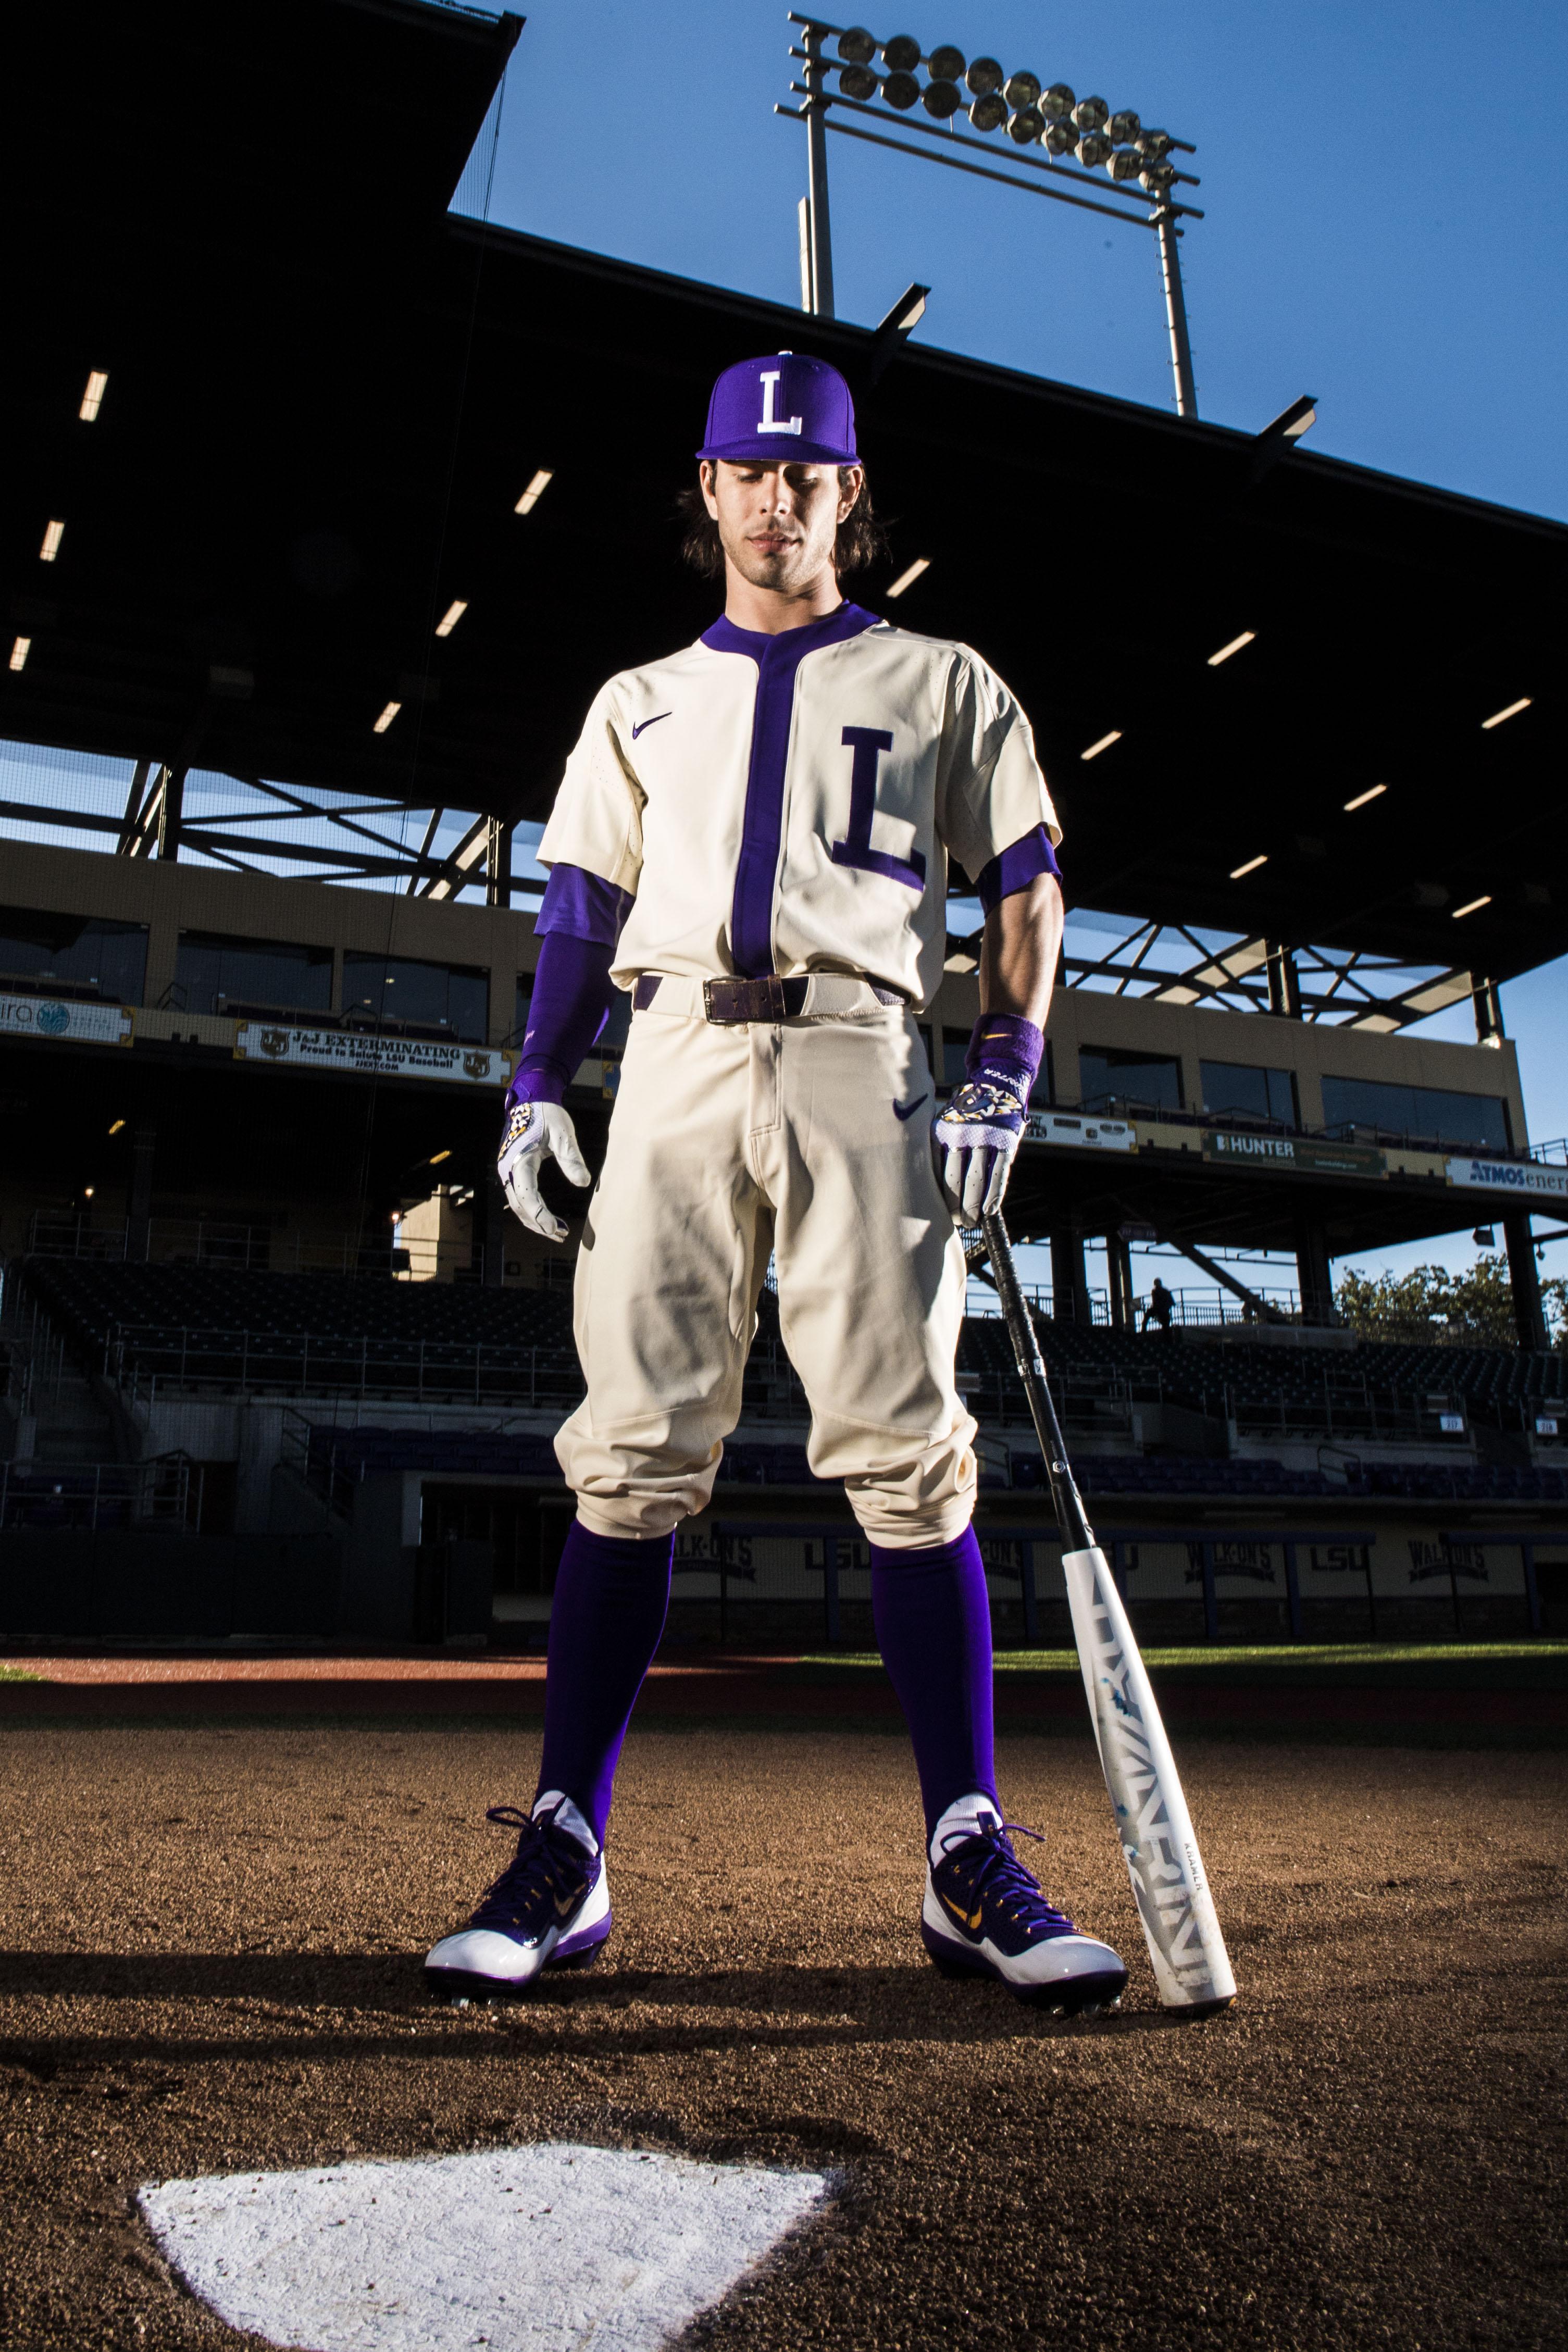 big sale c87da 9fff4 The Uniforms of LSU Baseball by LSU Athletics - LSU ...